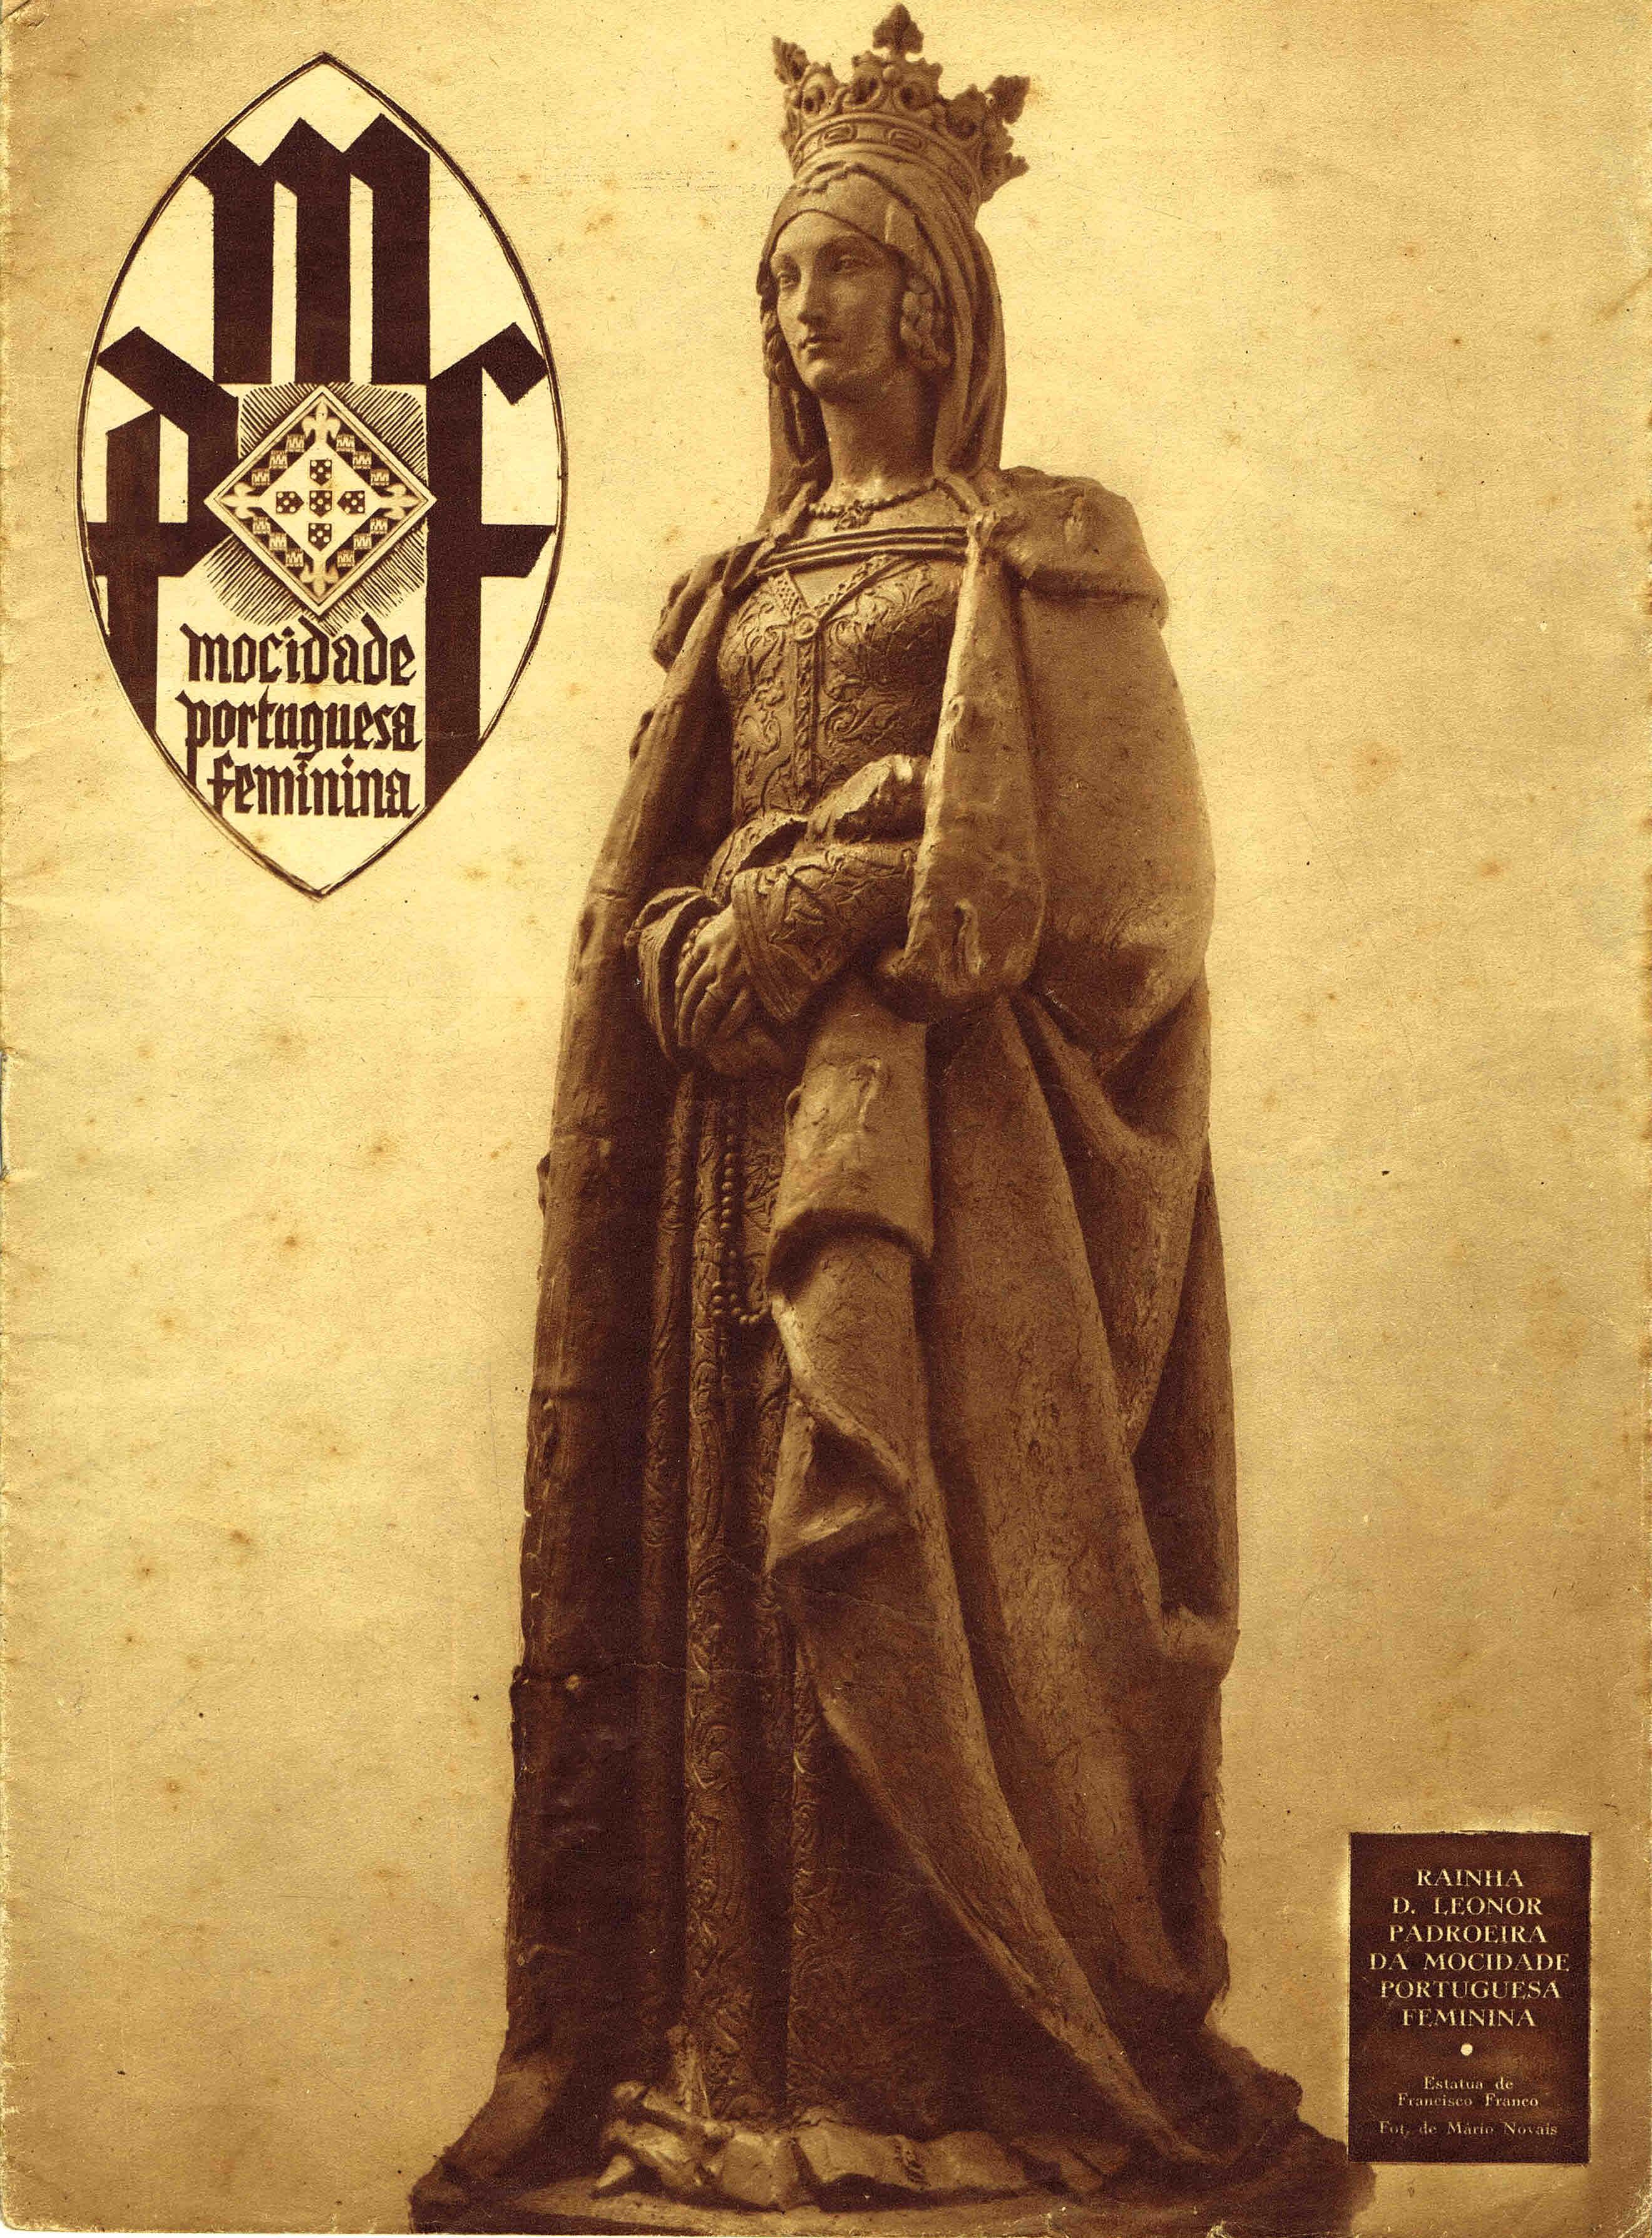 revista da mocidade portuguesa feminina nº 1